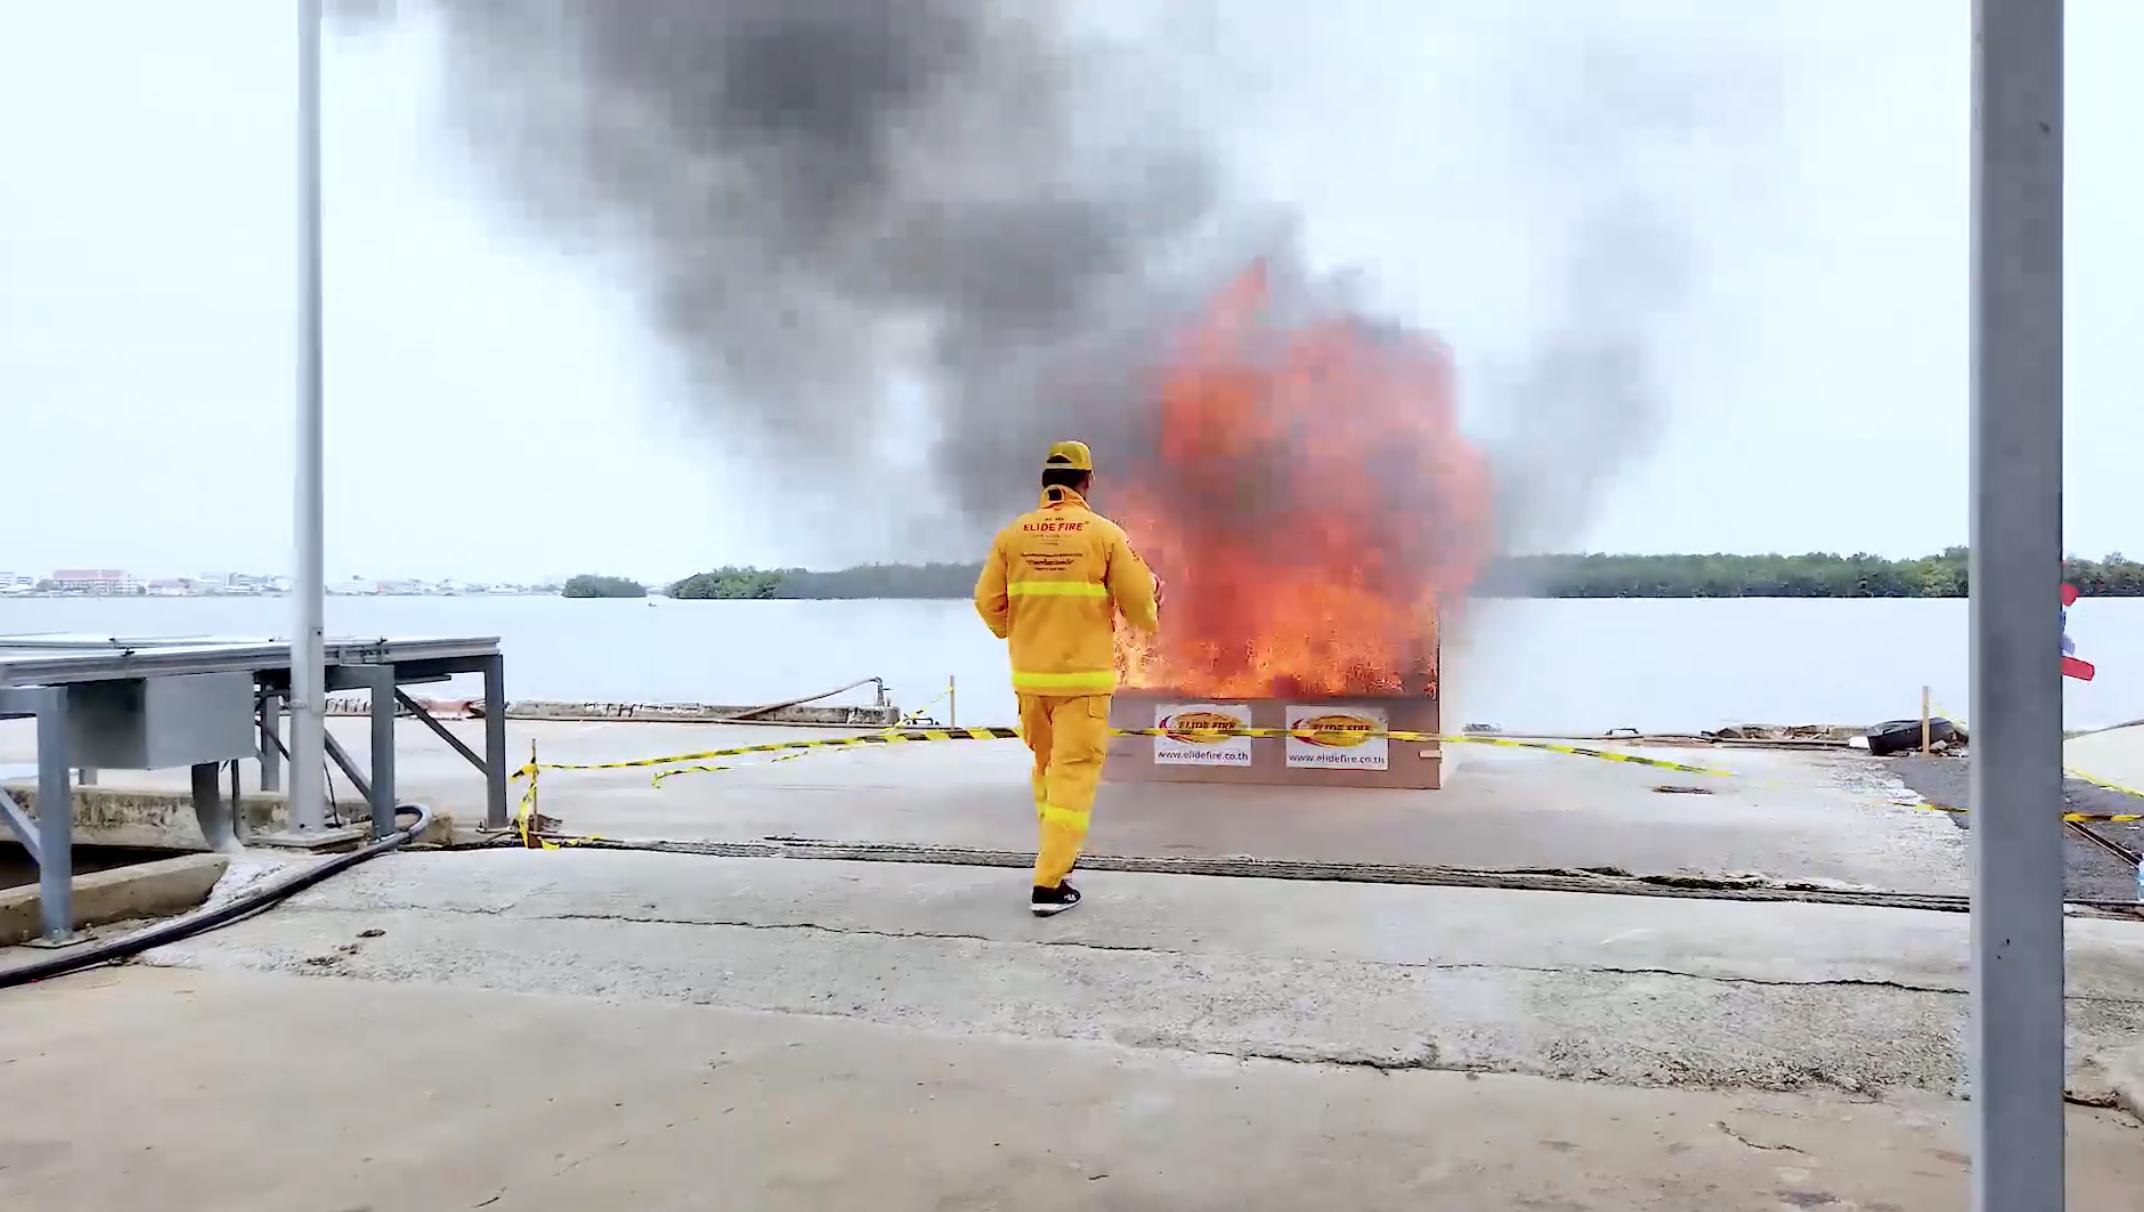 ทดสอบประสิทธิภาพ ลูกบอลดับเพลิง ELIDE FIRE® ในงาน Day of the Seafarer 2019